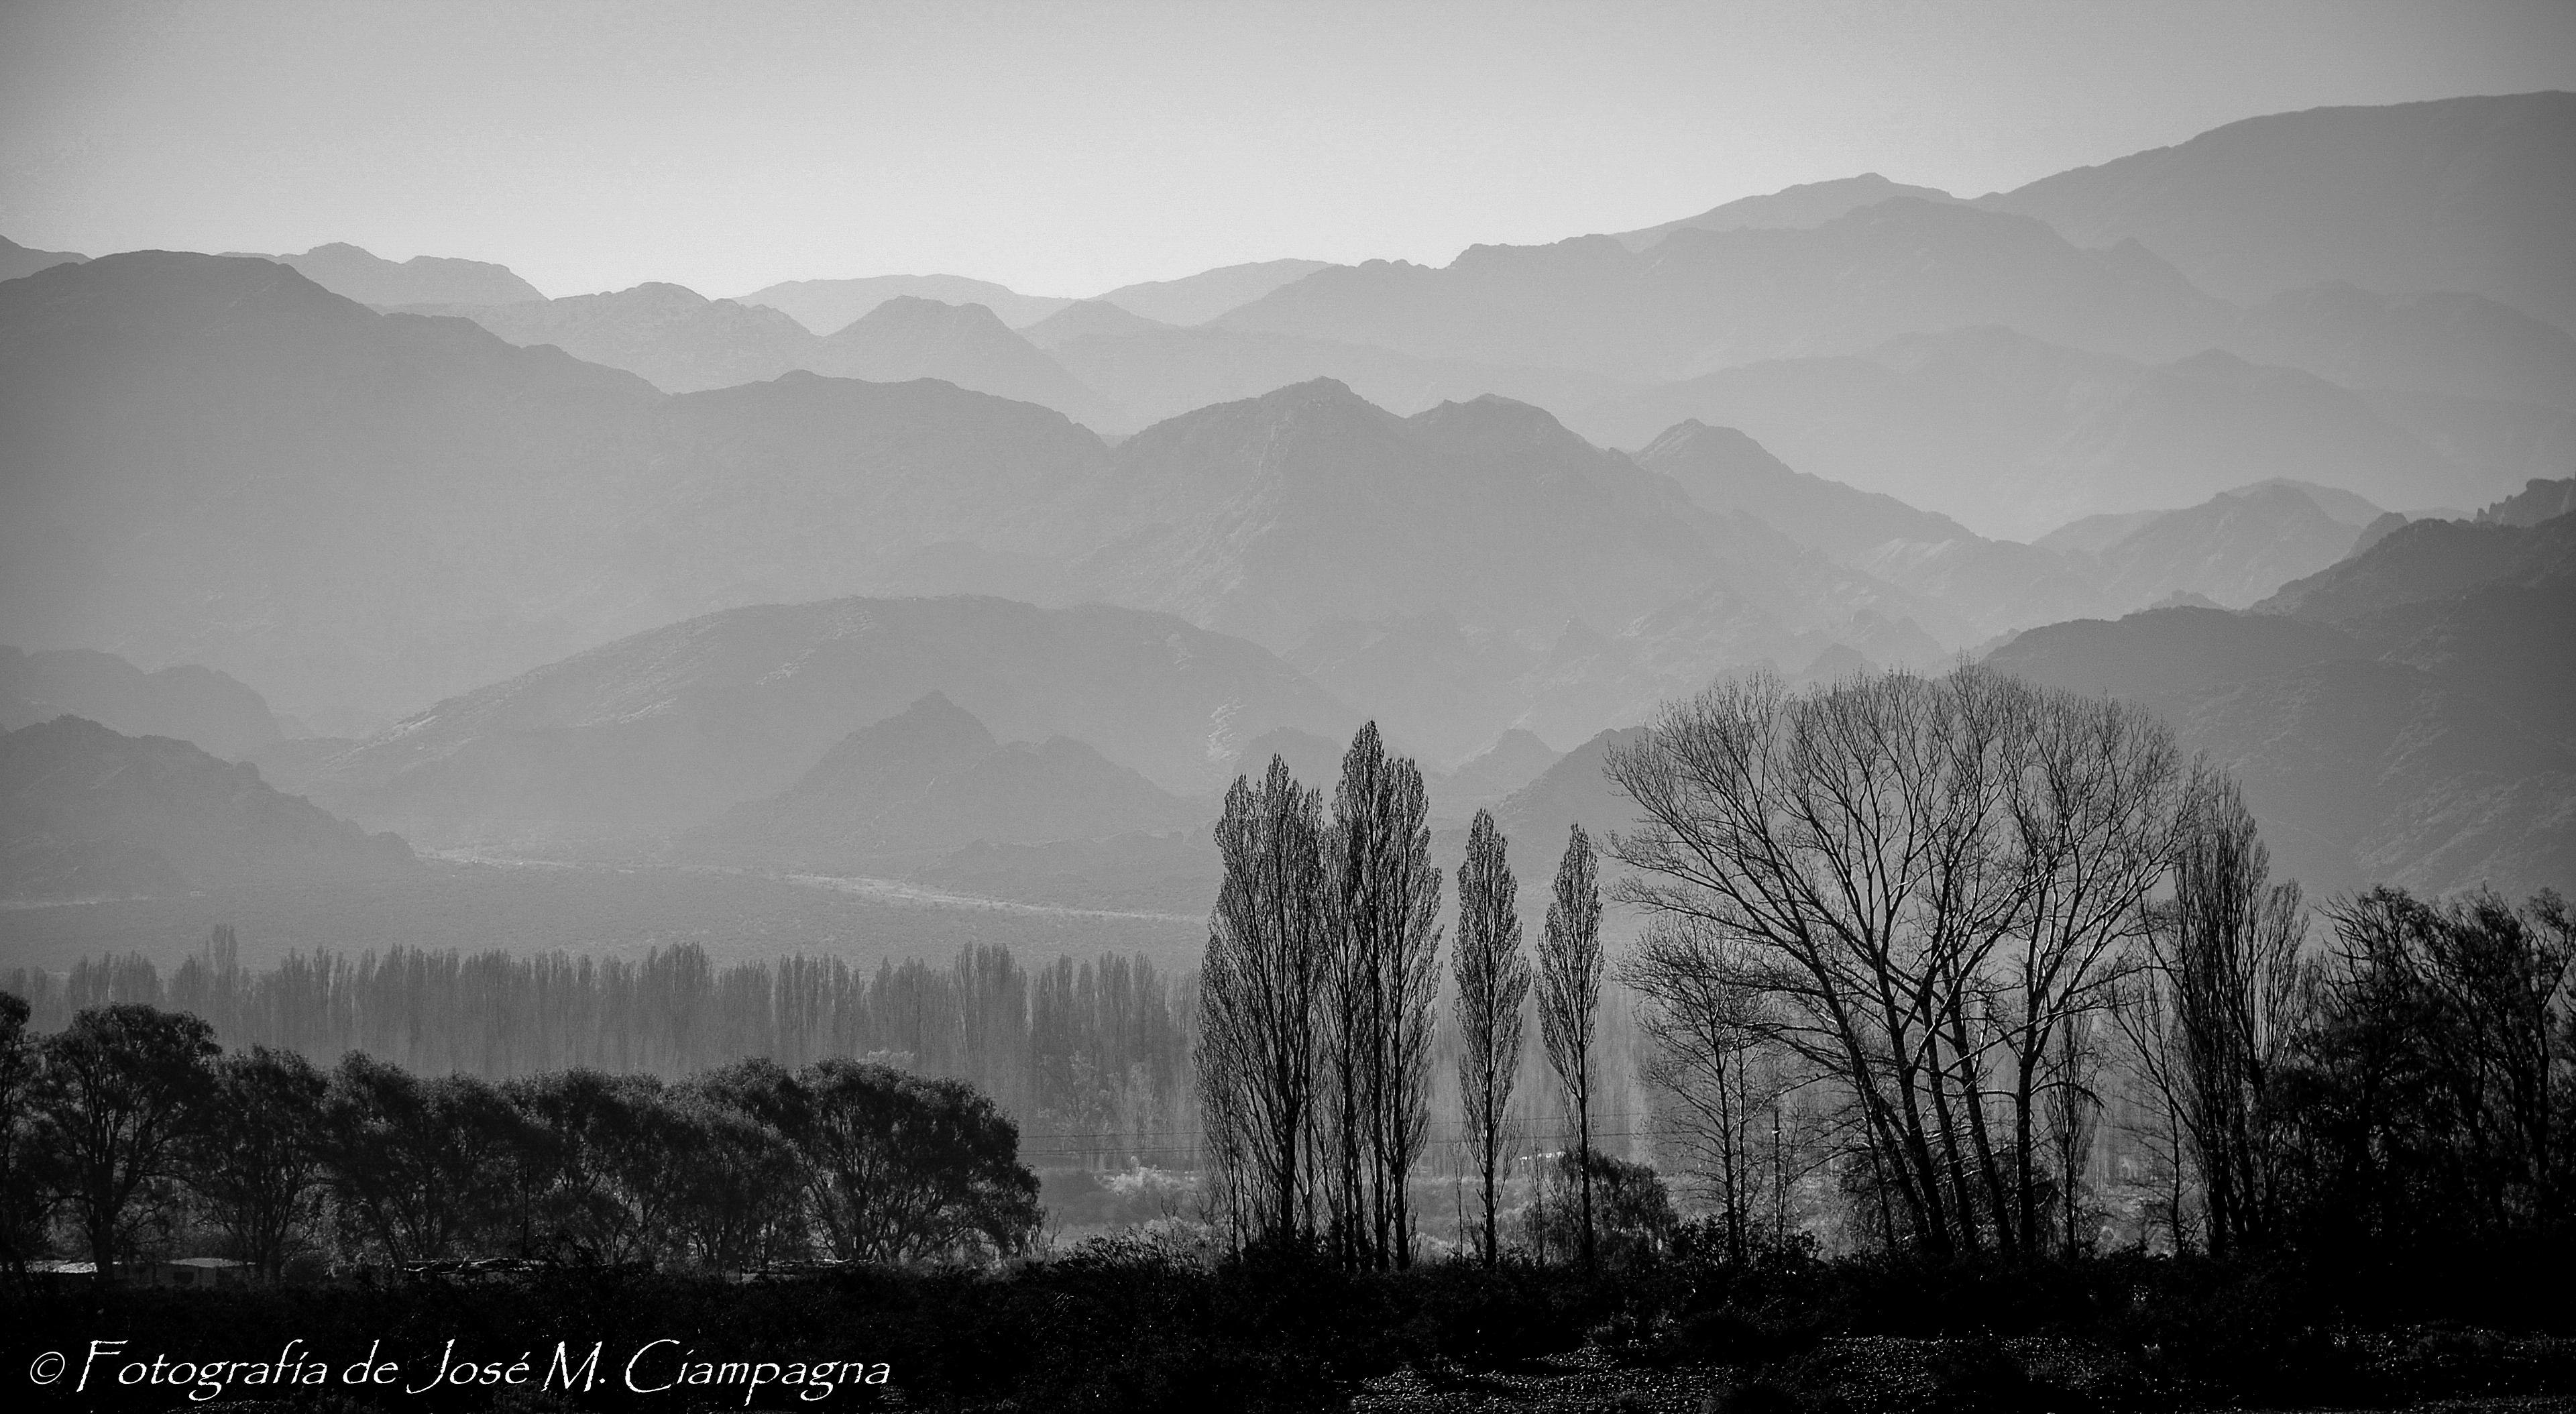 Cordillera de los Andes, Mendoza, Argentina.